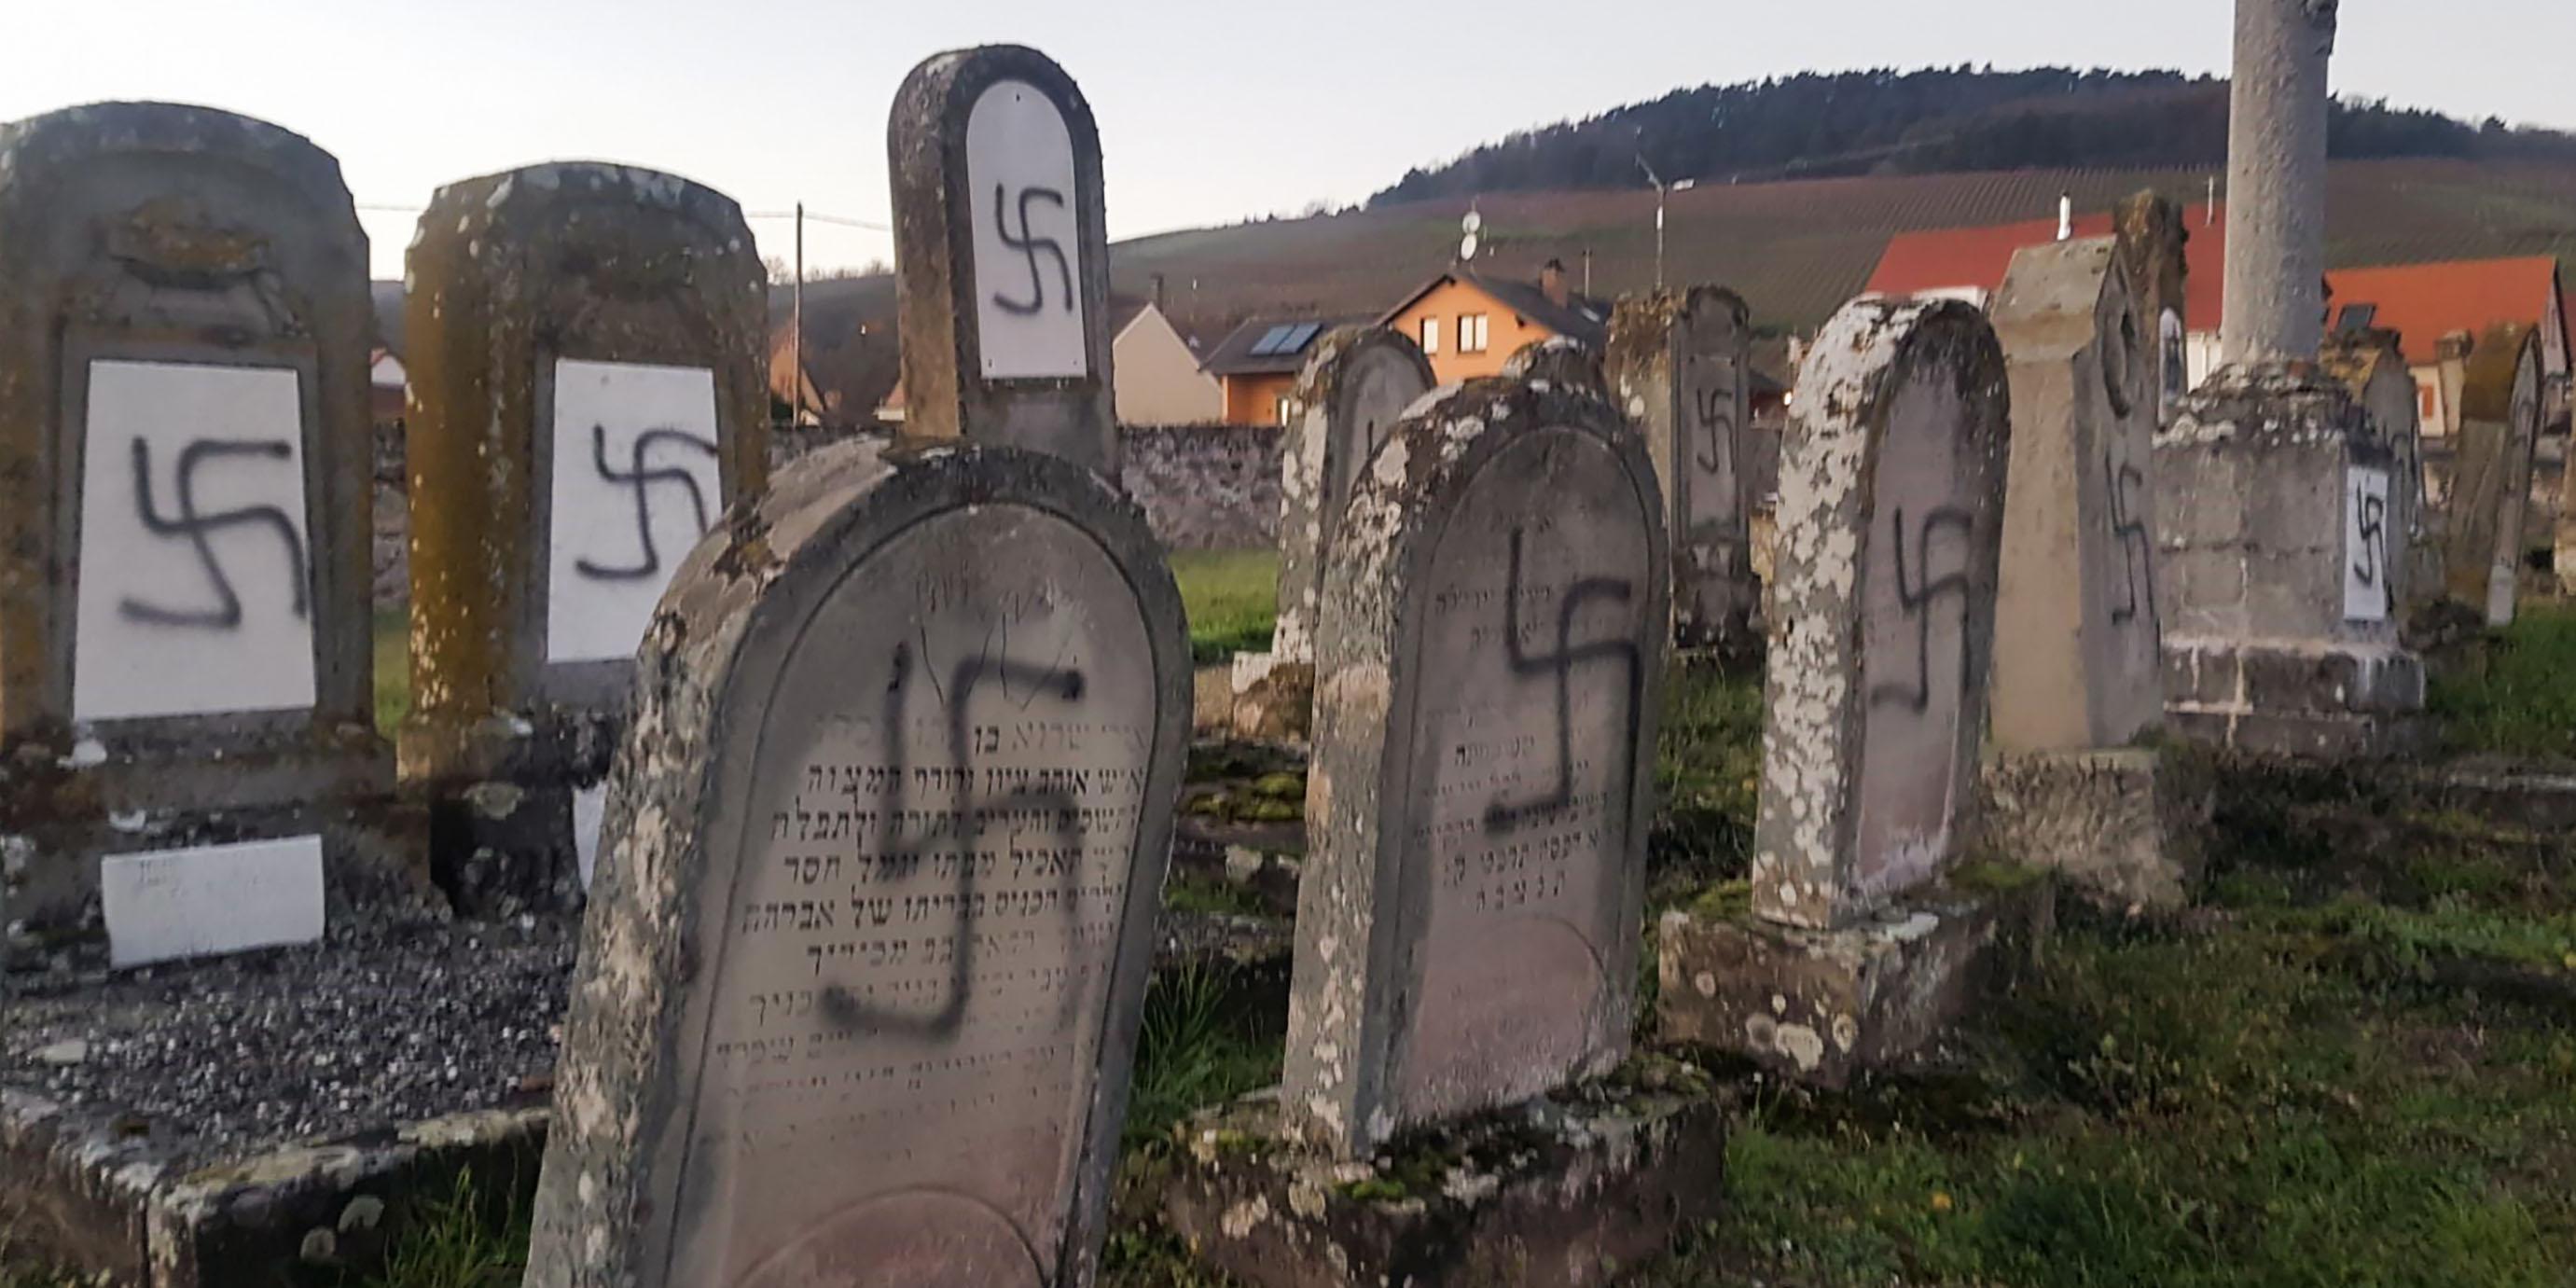 Risultati immagini per Westhoffen antisemitism